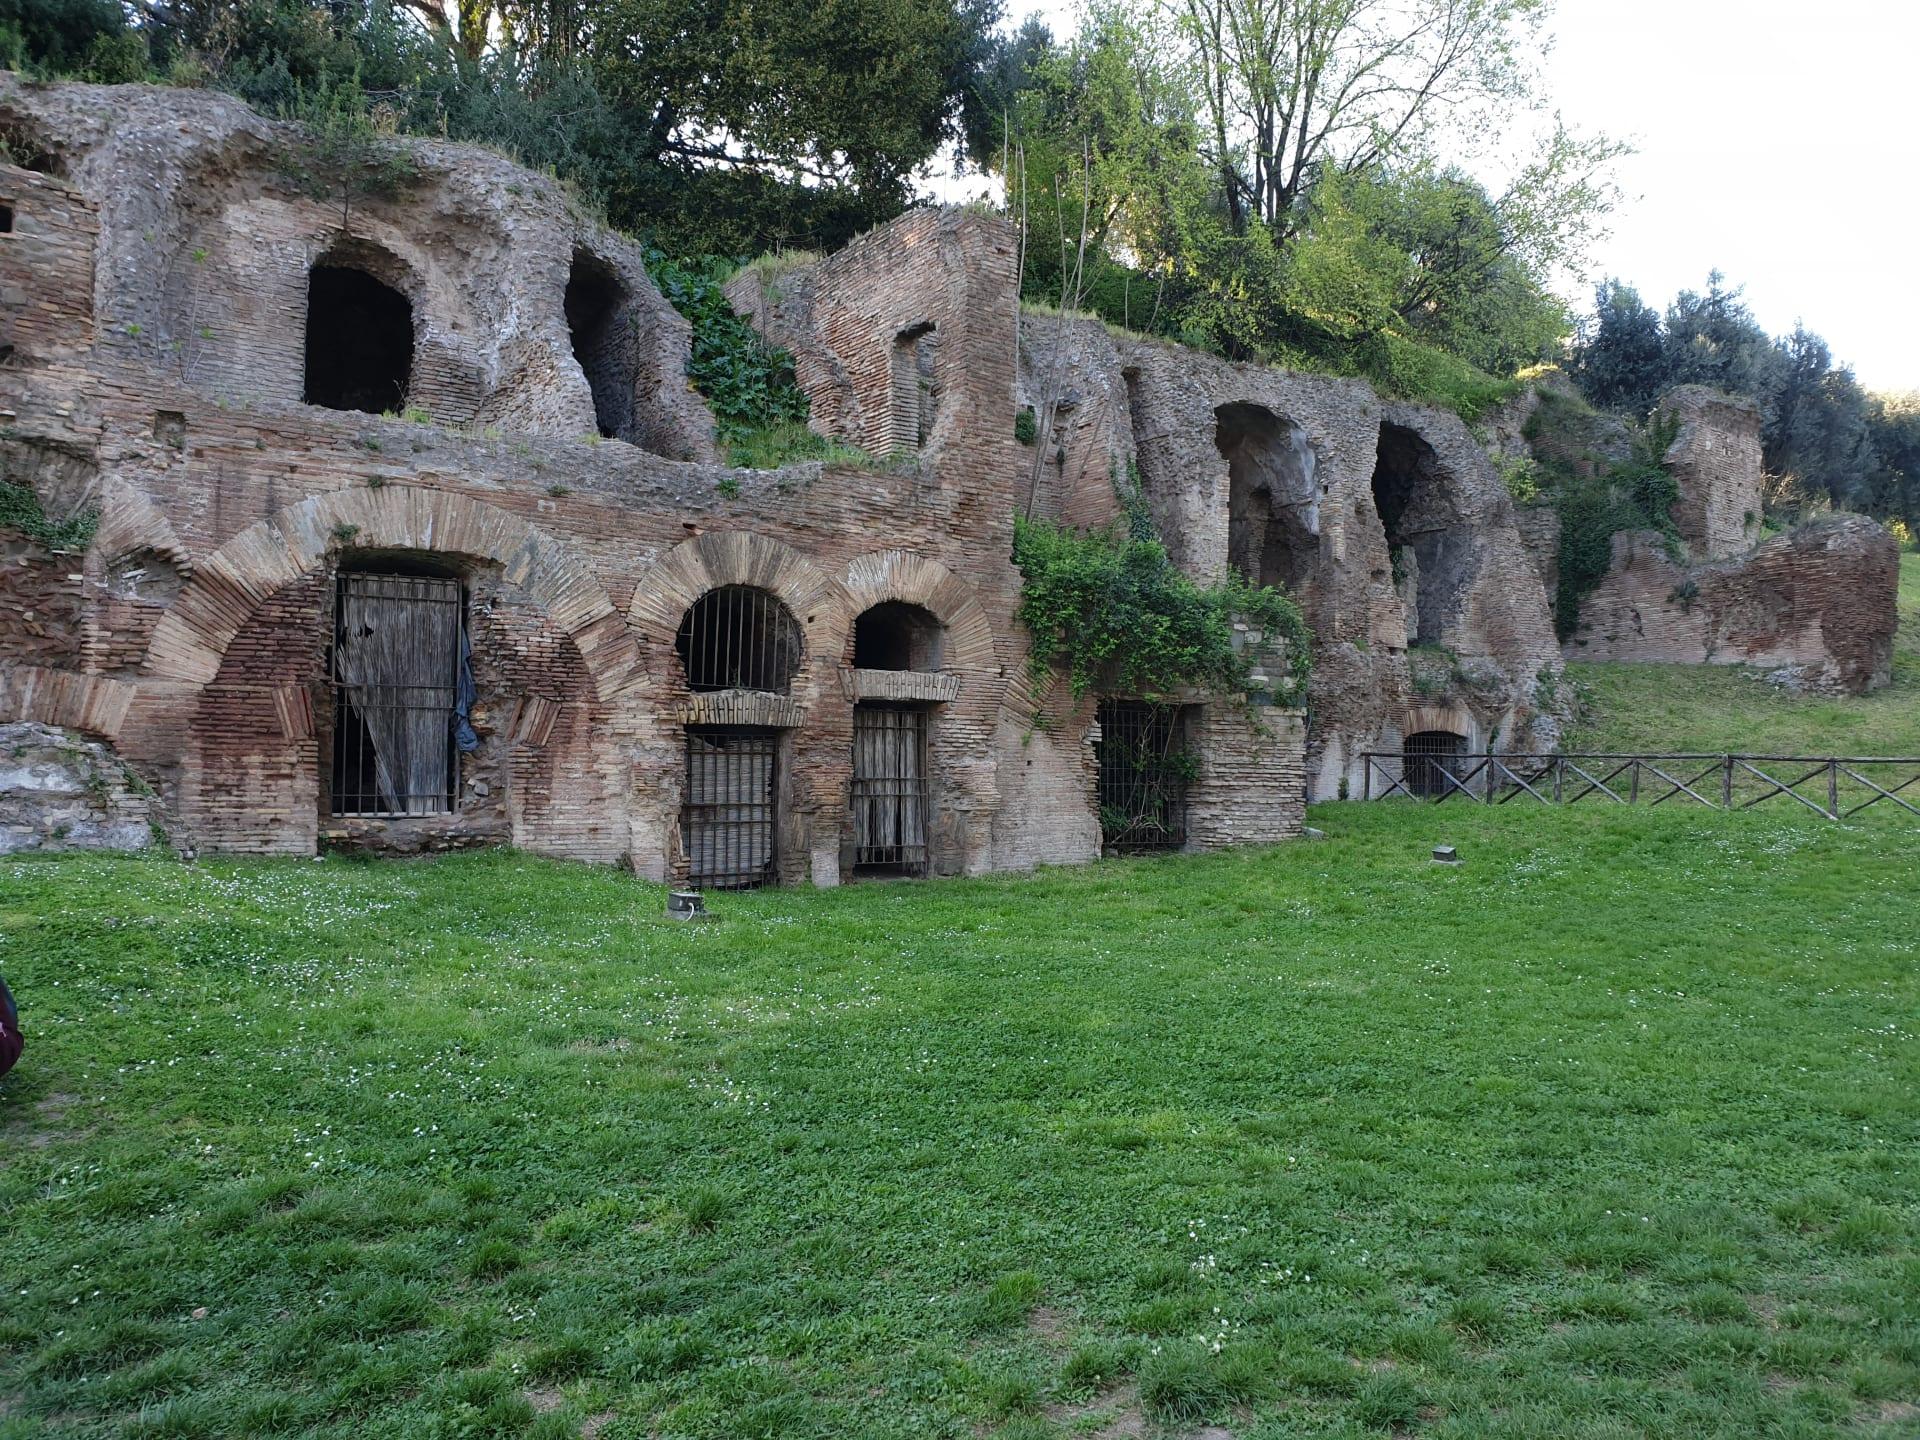 أجمل الأماكن التي يمكنك زيارتها في روما - هضبة بالاتين